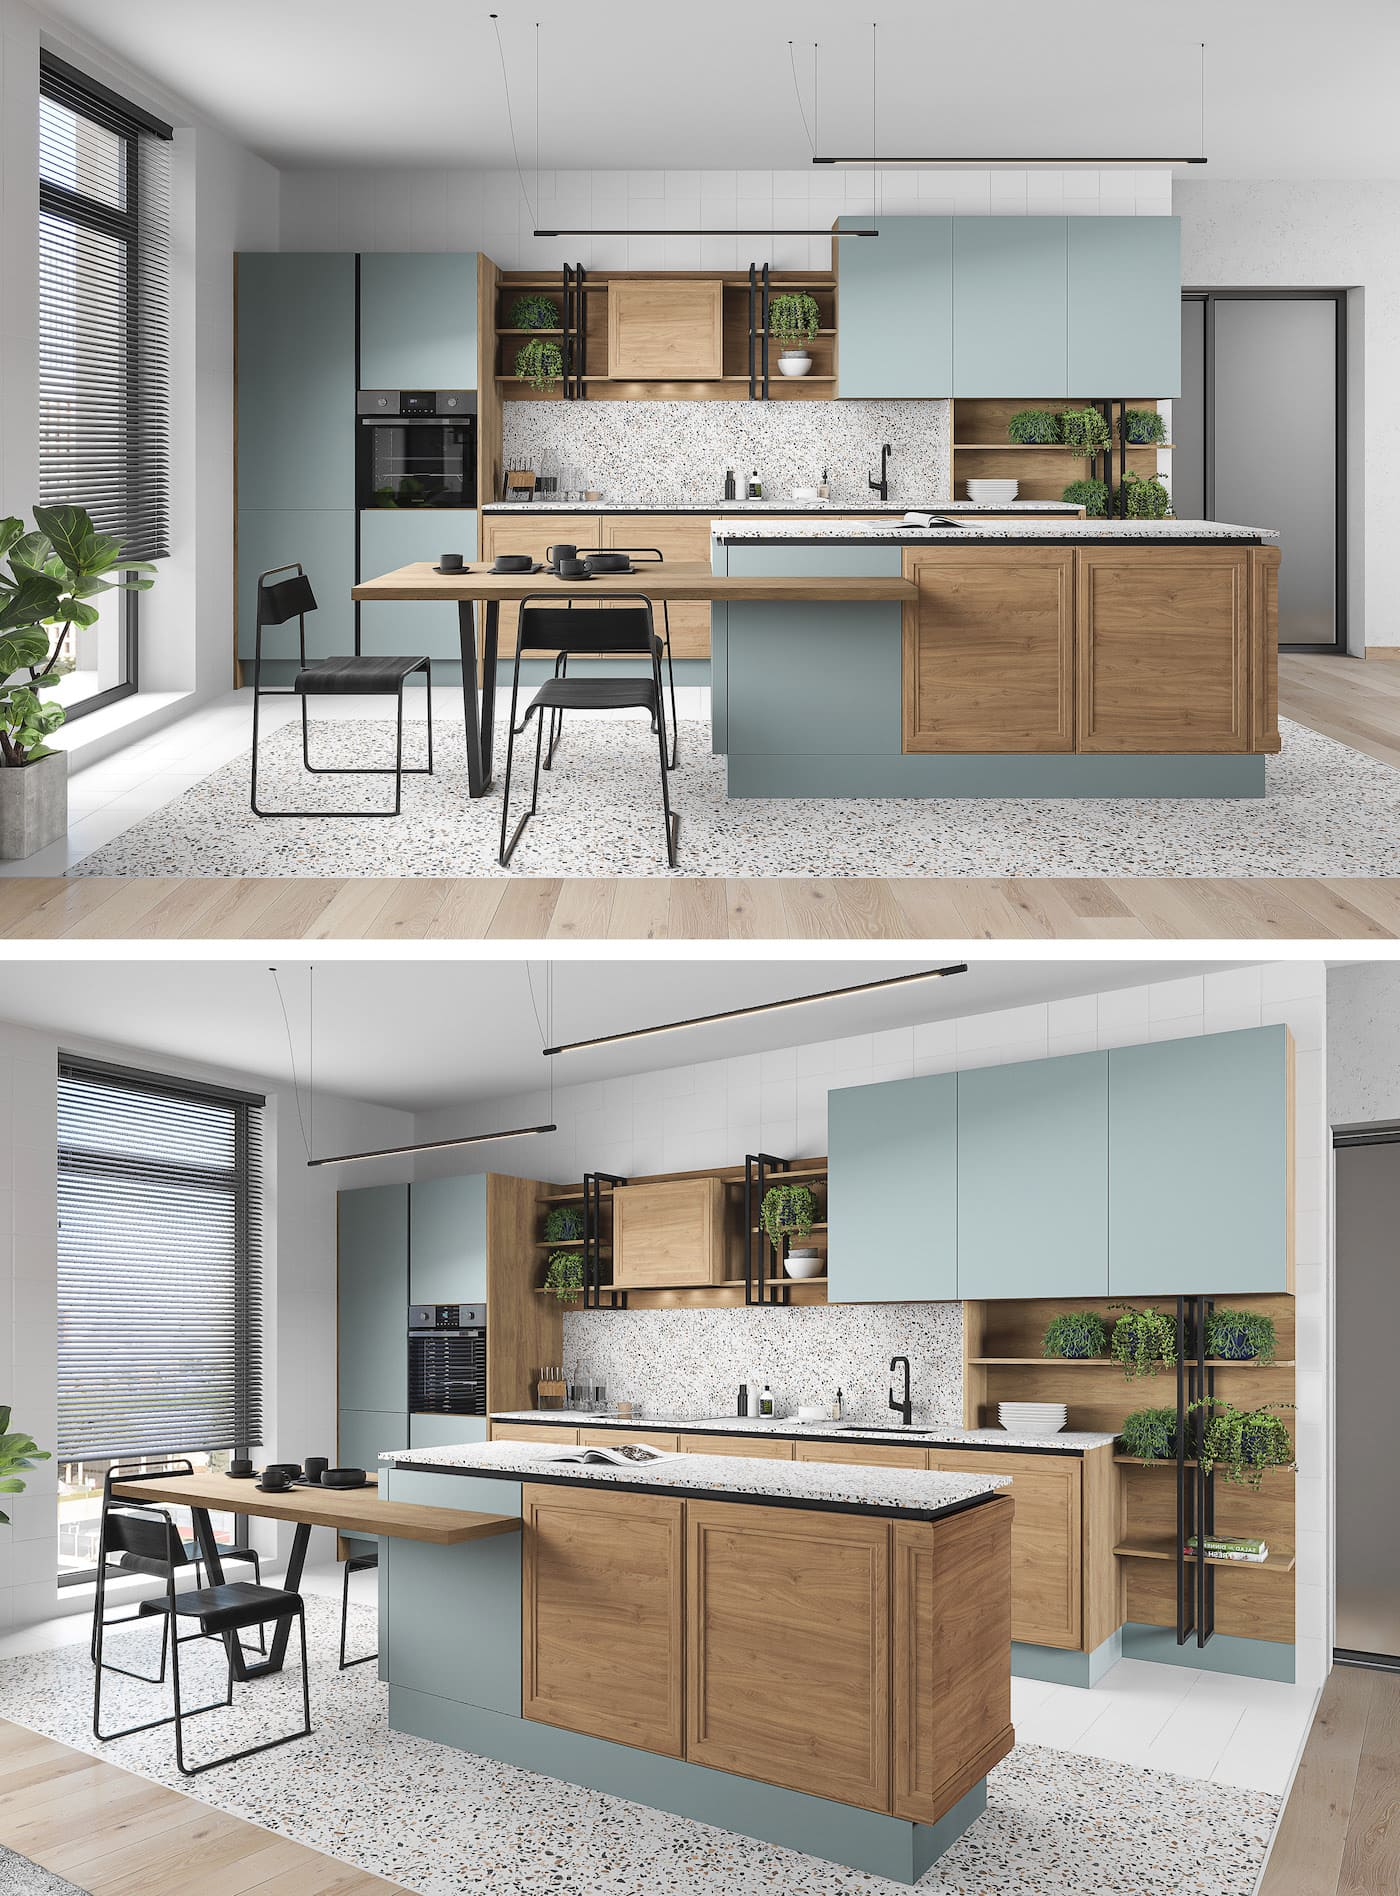 conception d'un appartement d'une pièce photo 16